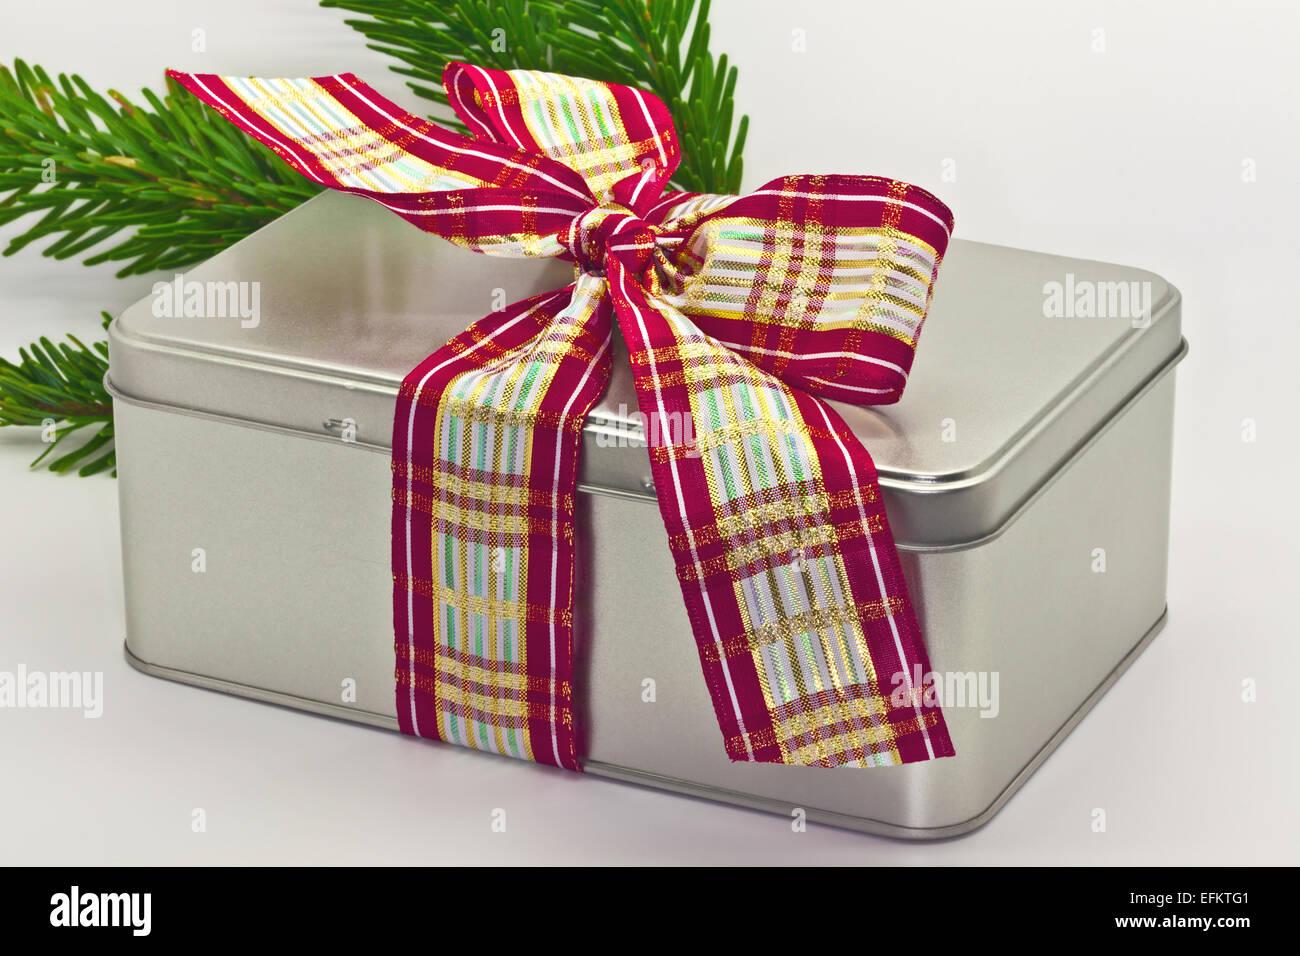 Boîte cadeau en étain de fête avec large ribbon bow. Photo Stock